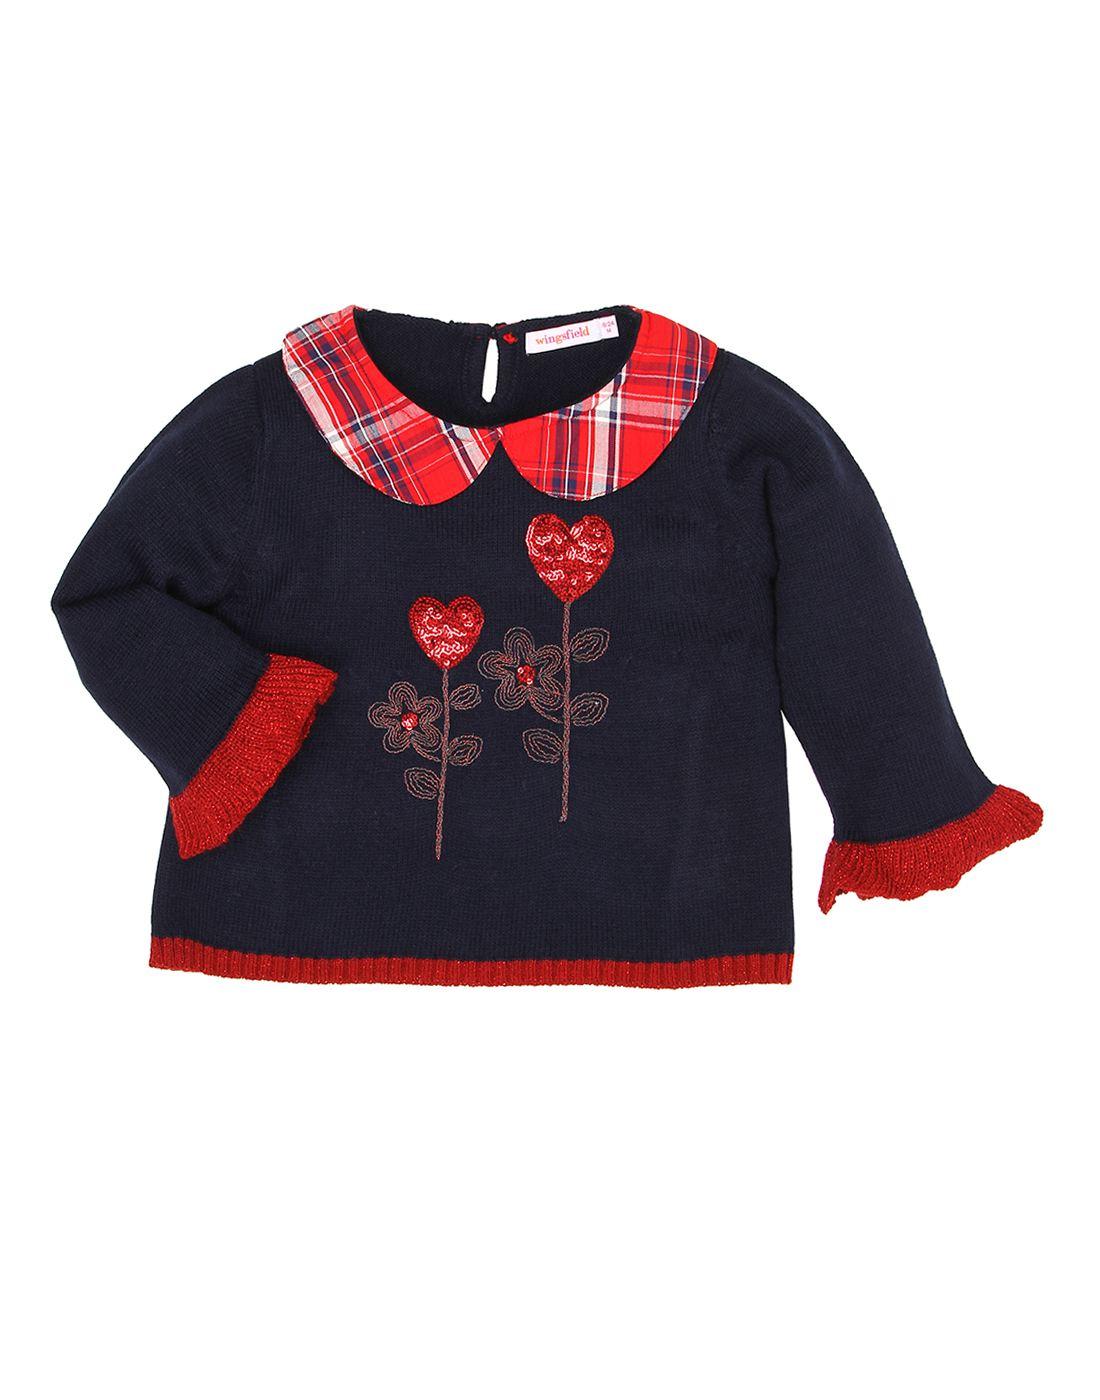 Wingsfield Navy Baby Girl Winter Wear Sweater